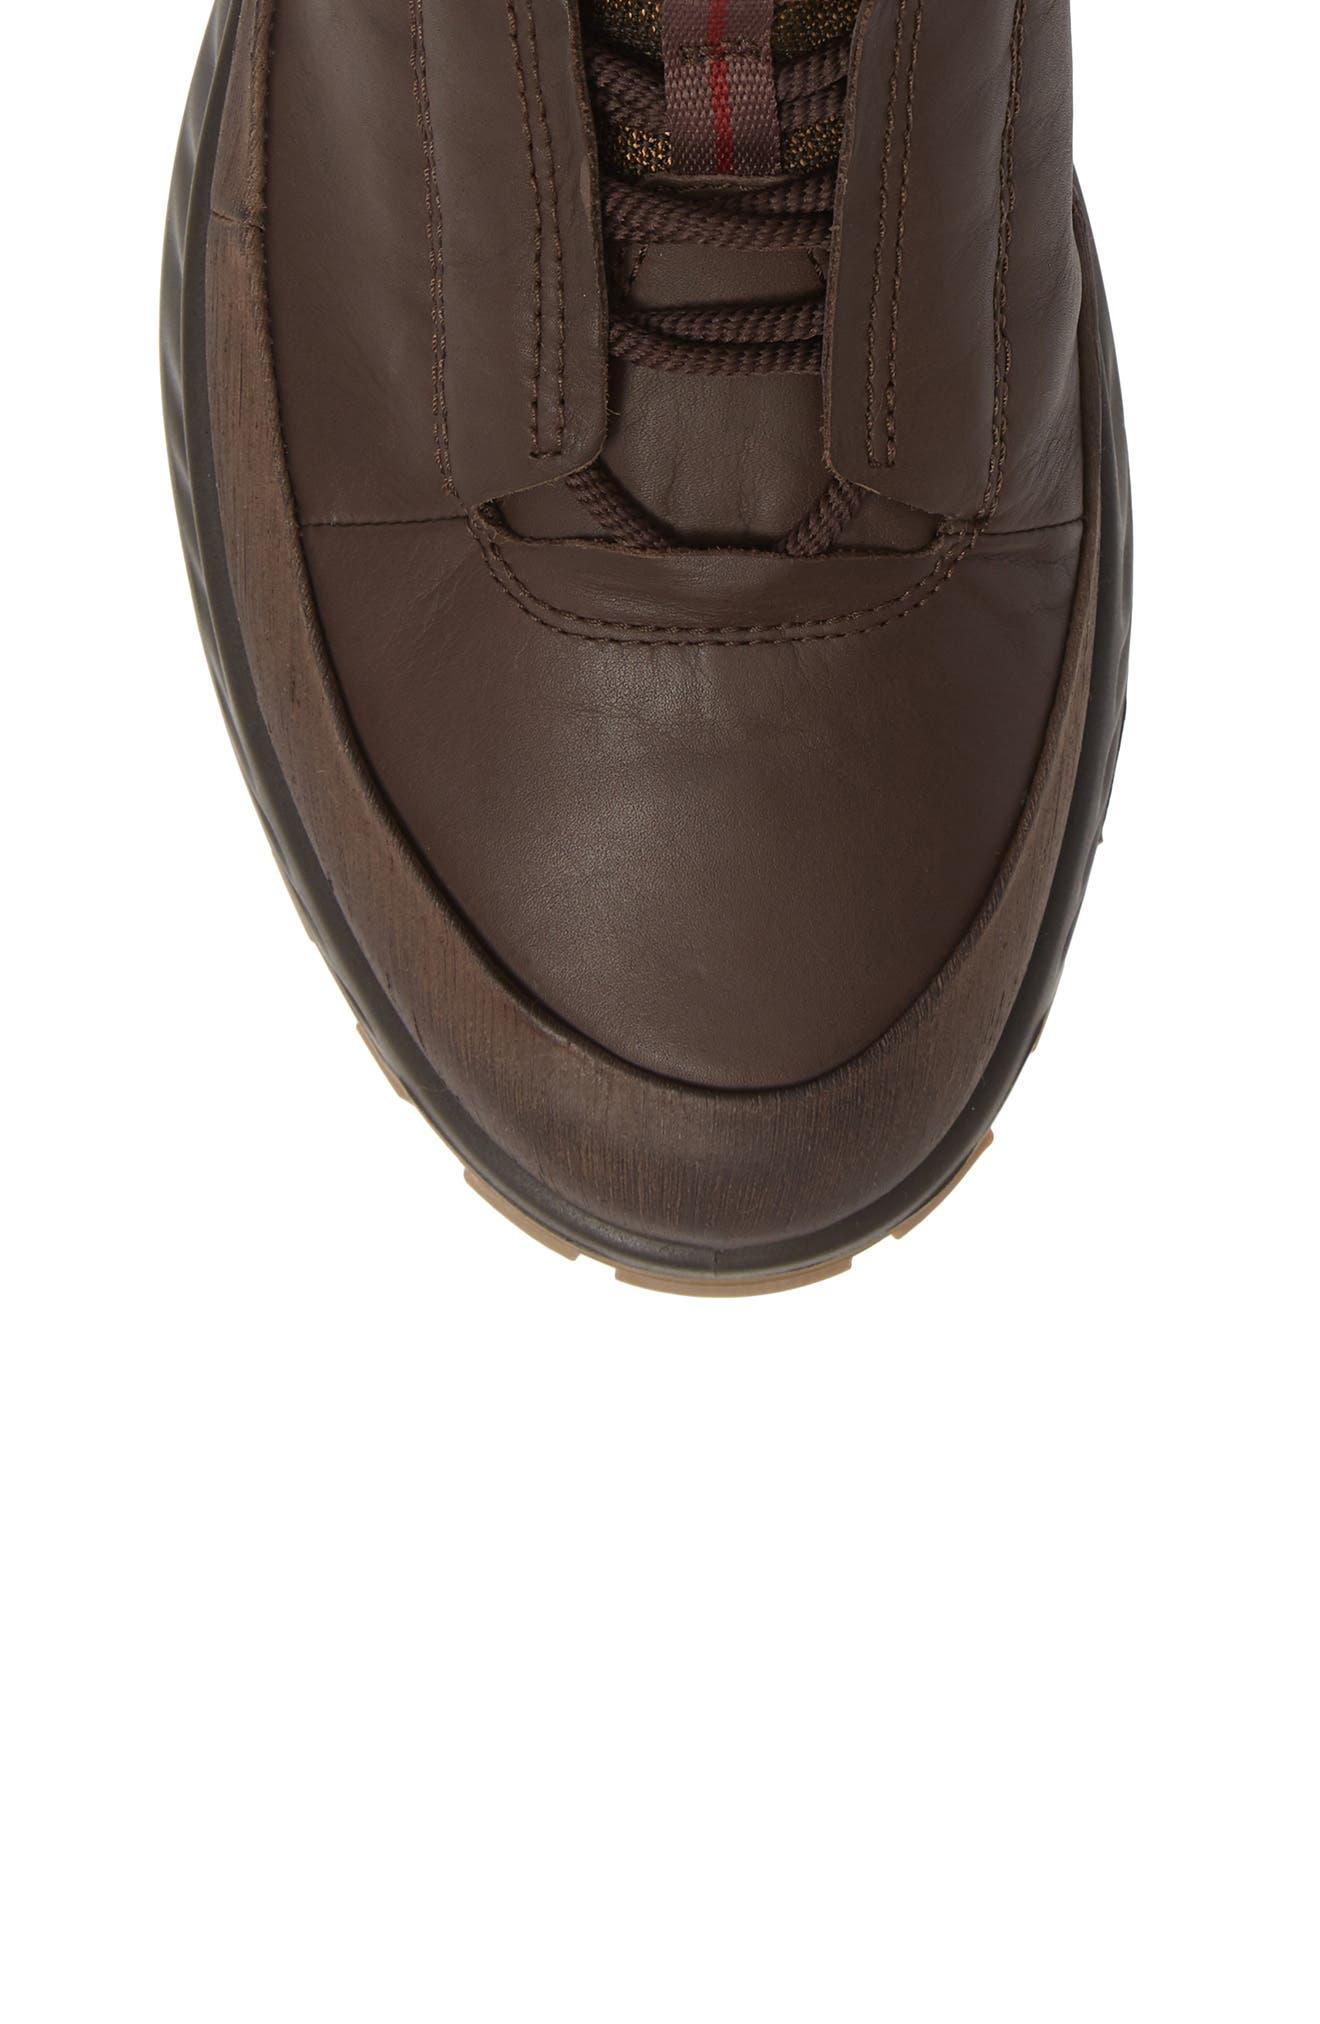 Exostrike Dyneema Gore-Tex<sup>®</sup> Sneaker Waterproof Boot,                             Alternate thumbnail 5, color,                             202